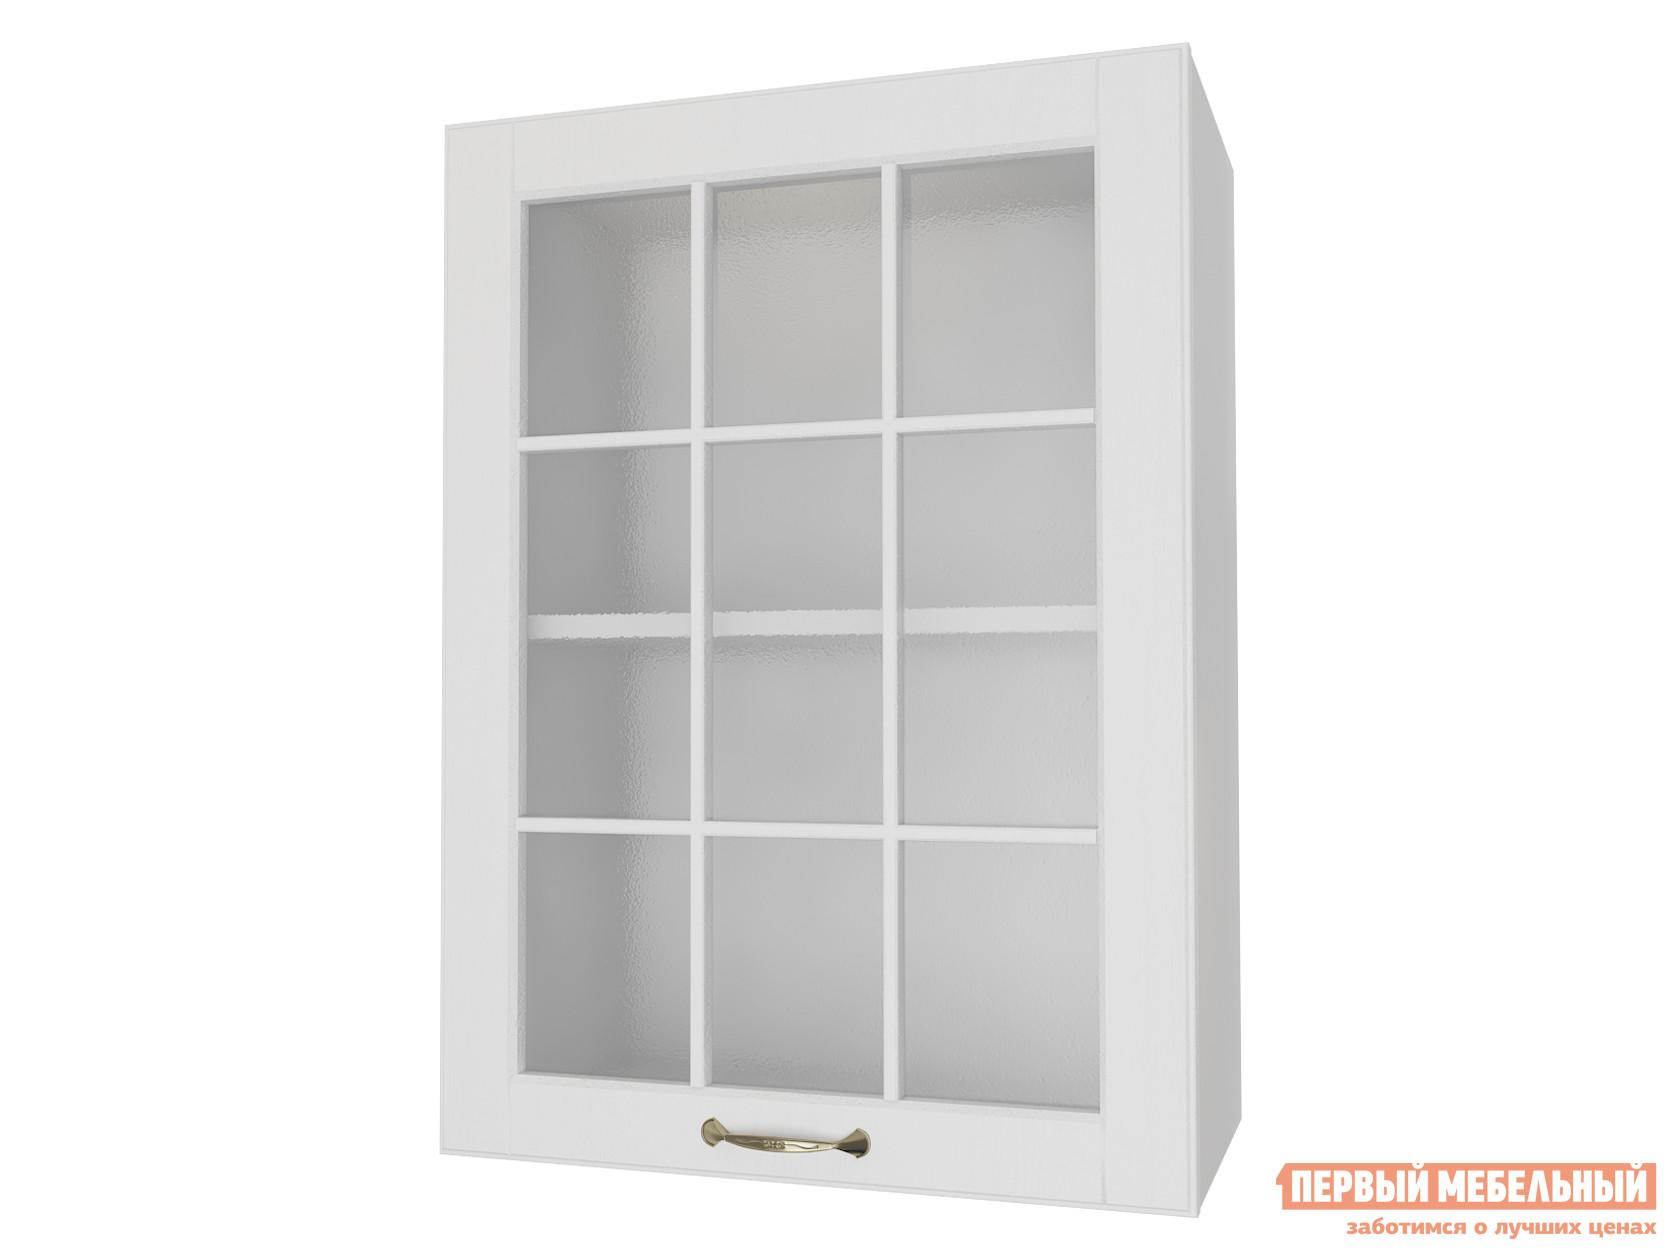 Кухонный модуль  Шкаф 1 дверь со стеклом 50 см Палермо Бианко